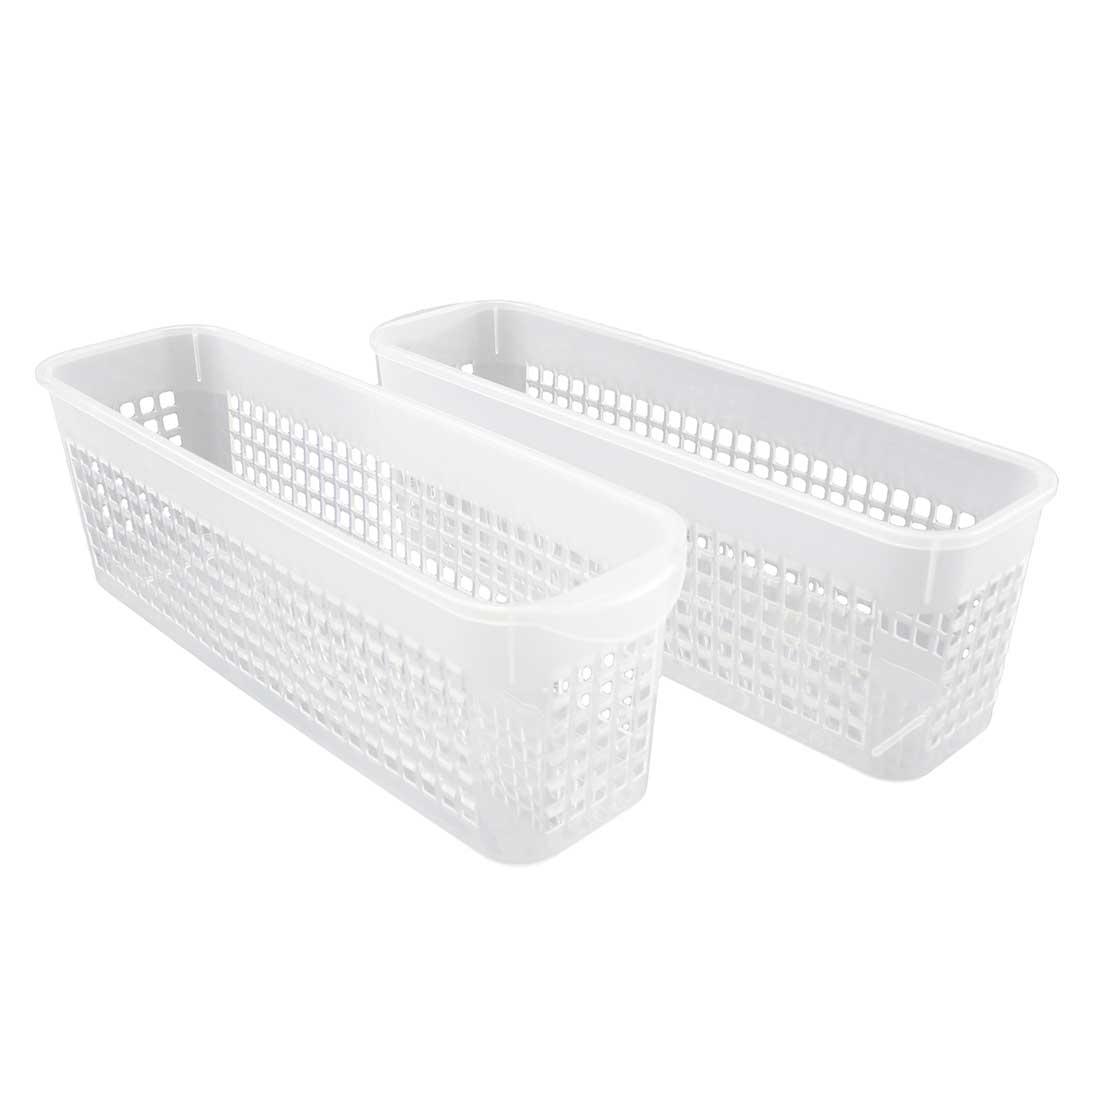 Корзинка-органайзер для кухни, маленькая, 2 штуки [07455],